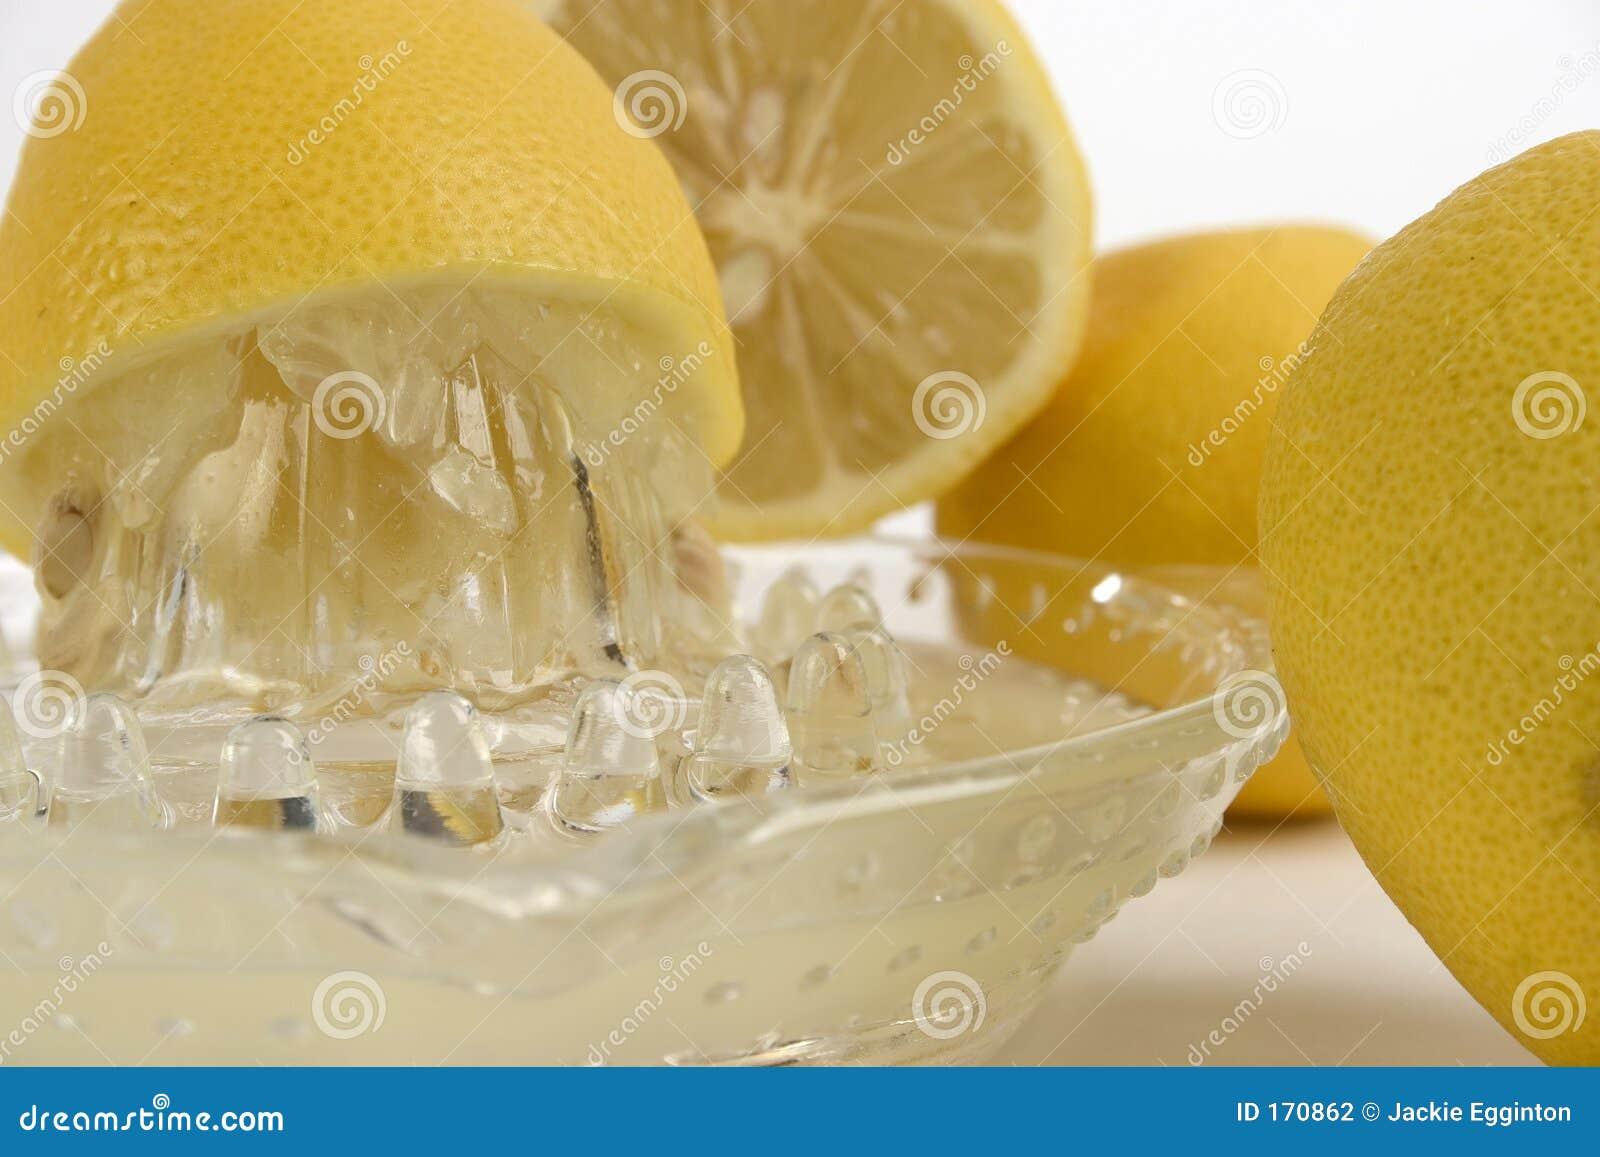 柠檬剥削者